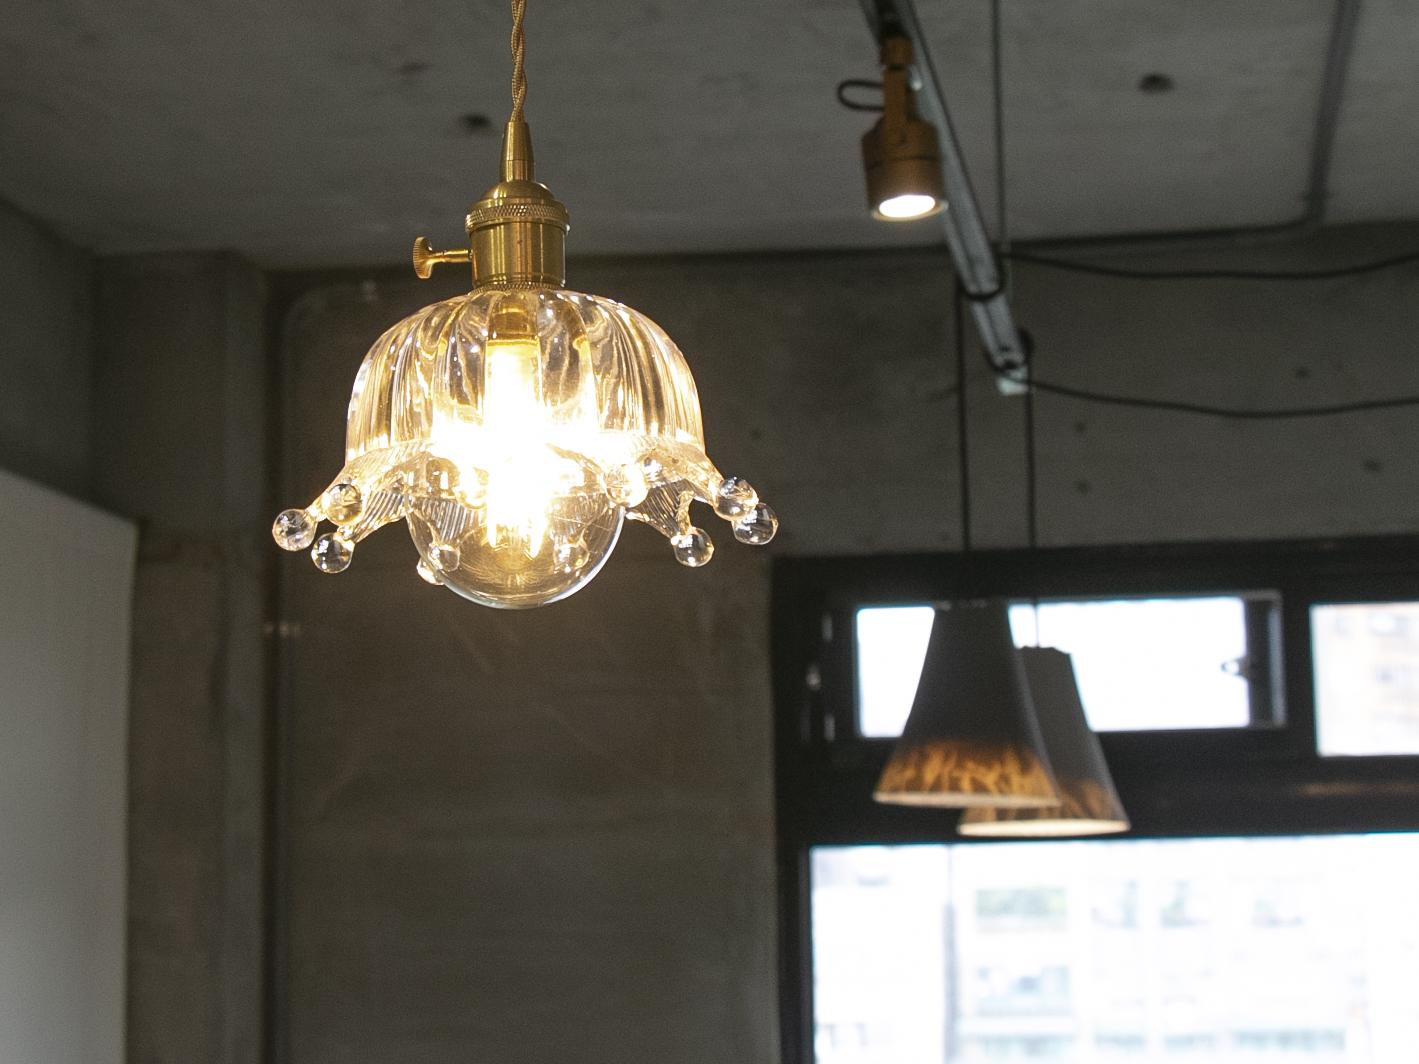 雨滴皇冠吊燈 / Rain Drop Light